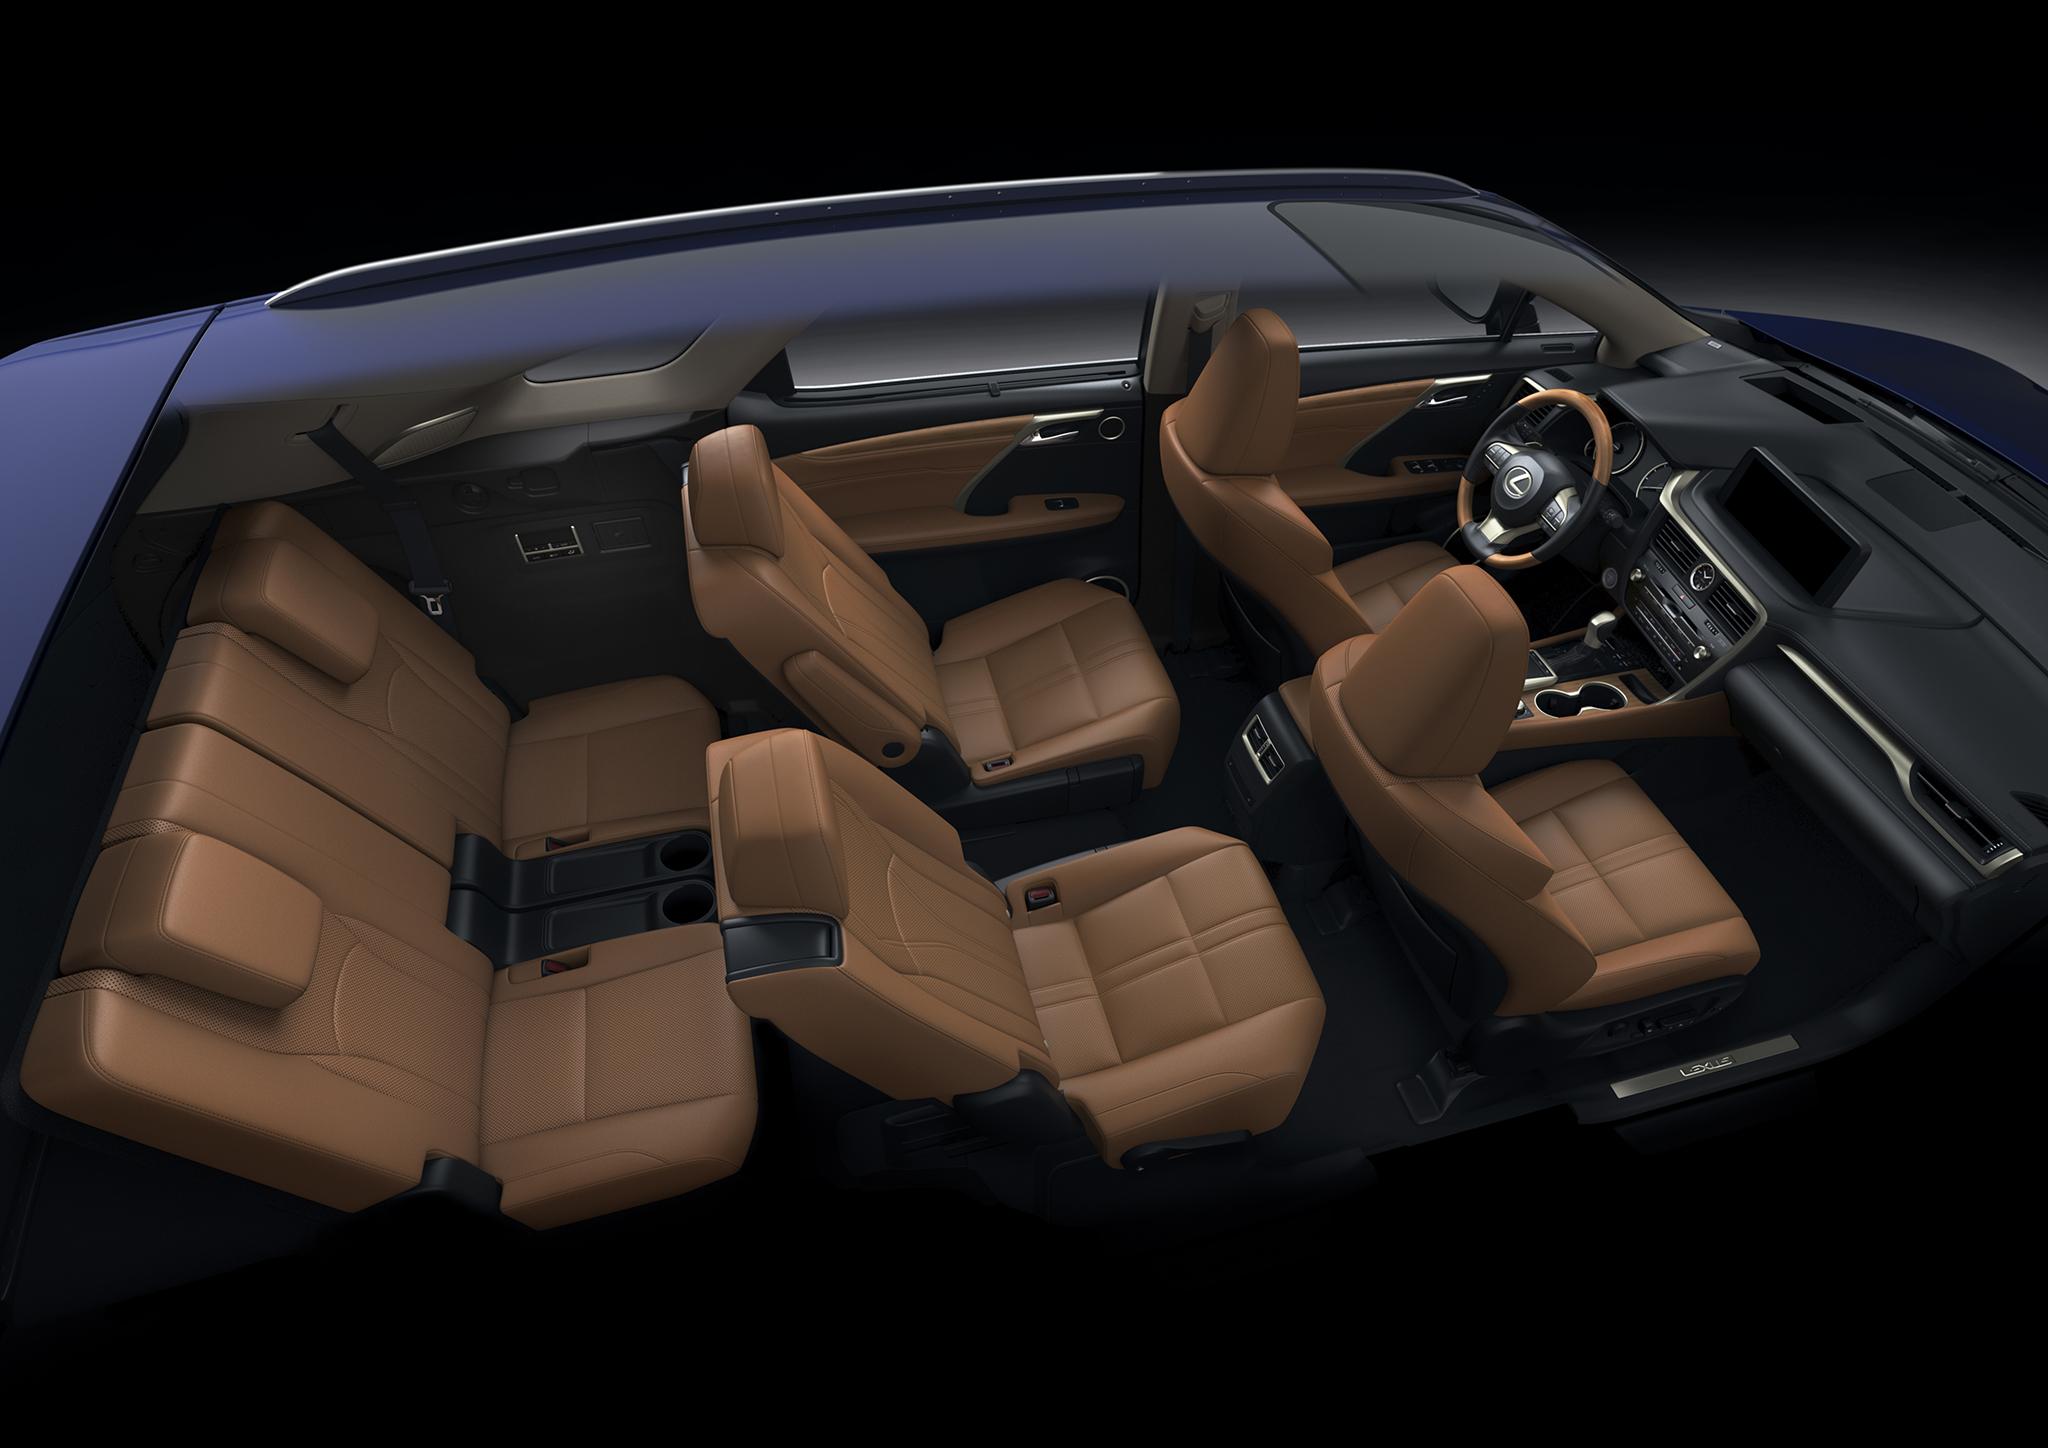 车价查询:雷克萨斯RX系列开启预售 预售价39.9万元起